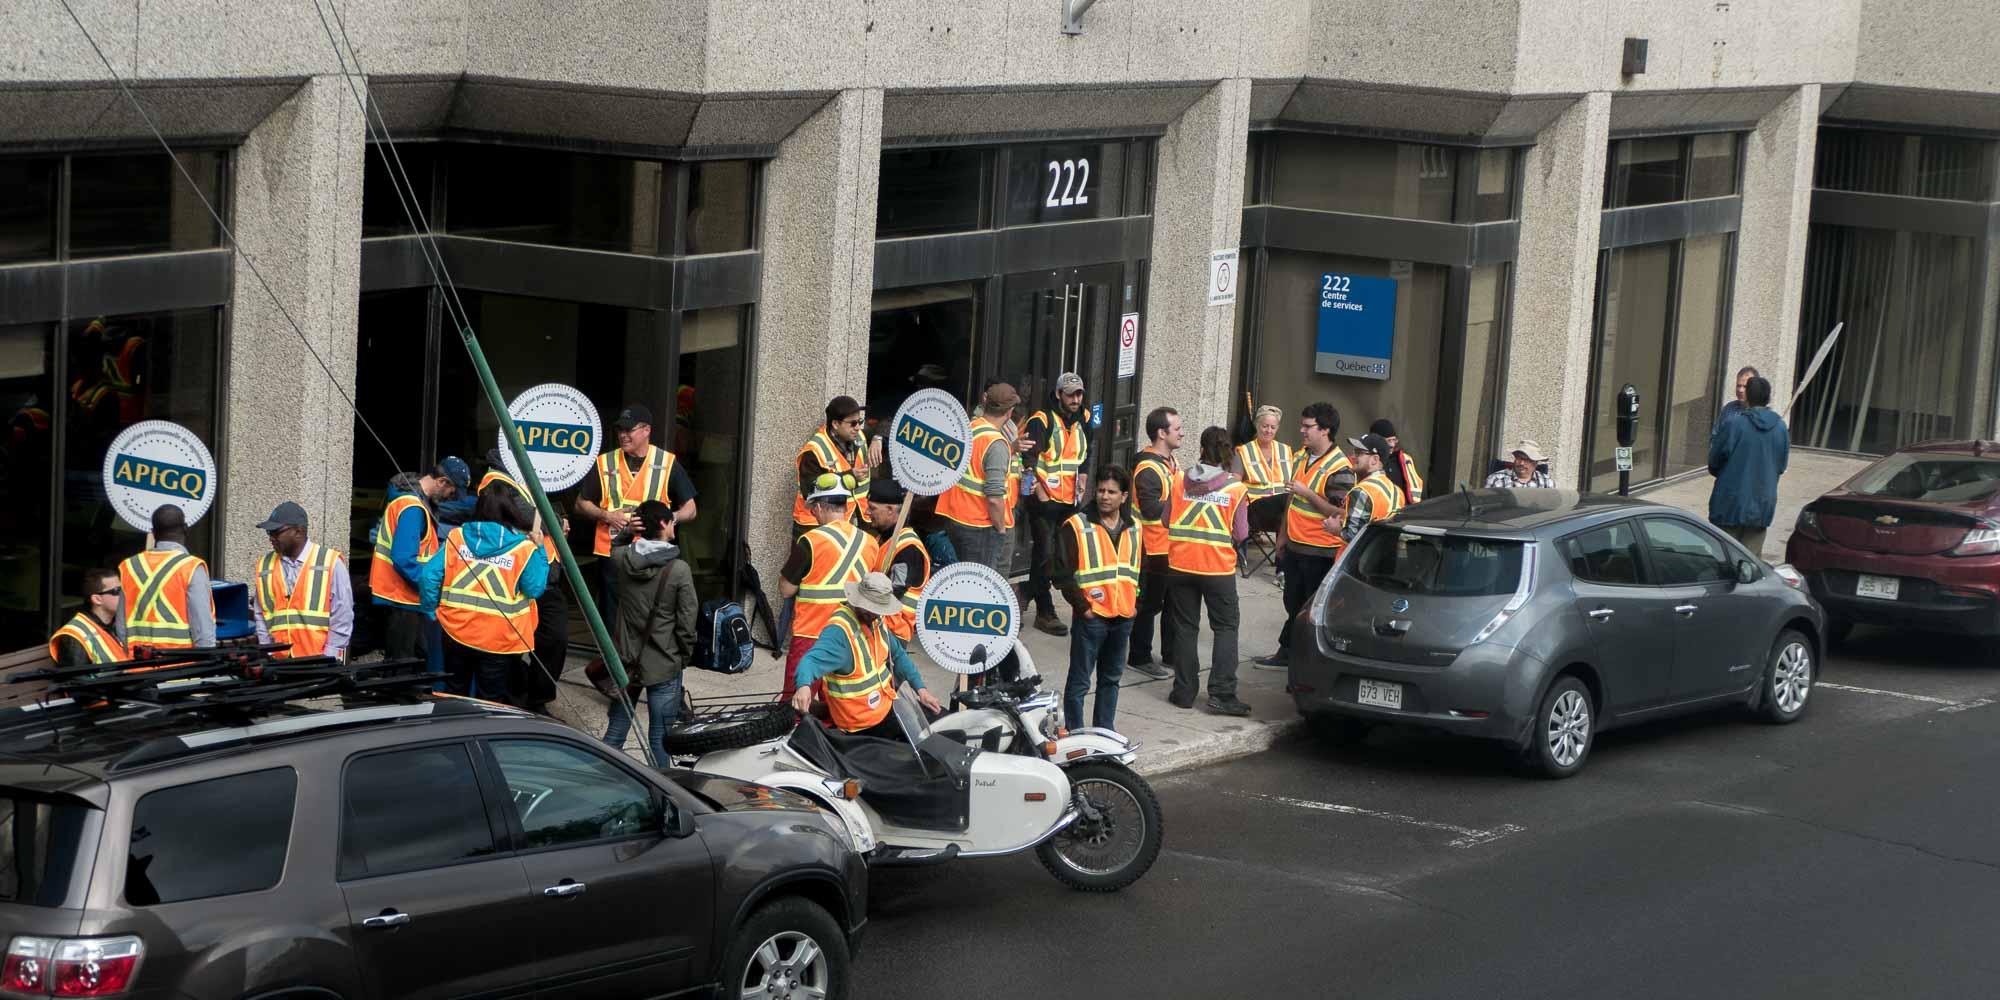 Les membres de l'Association professionnelle des ingénieurs du gouvernement du Québec(APIGQ) en grève à Saint-Jérôme, devant les bureaux du ministère des Transports, le 31 mai 2017.